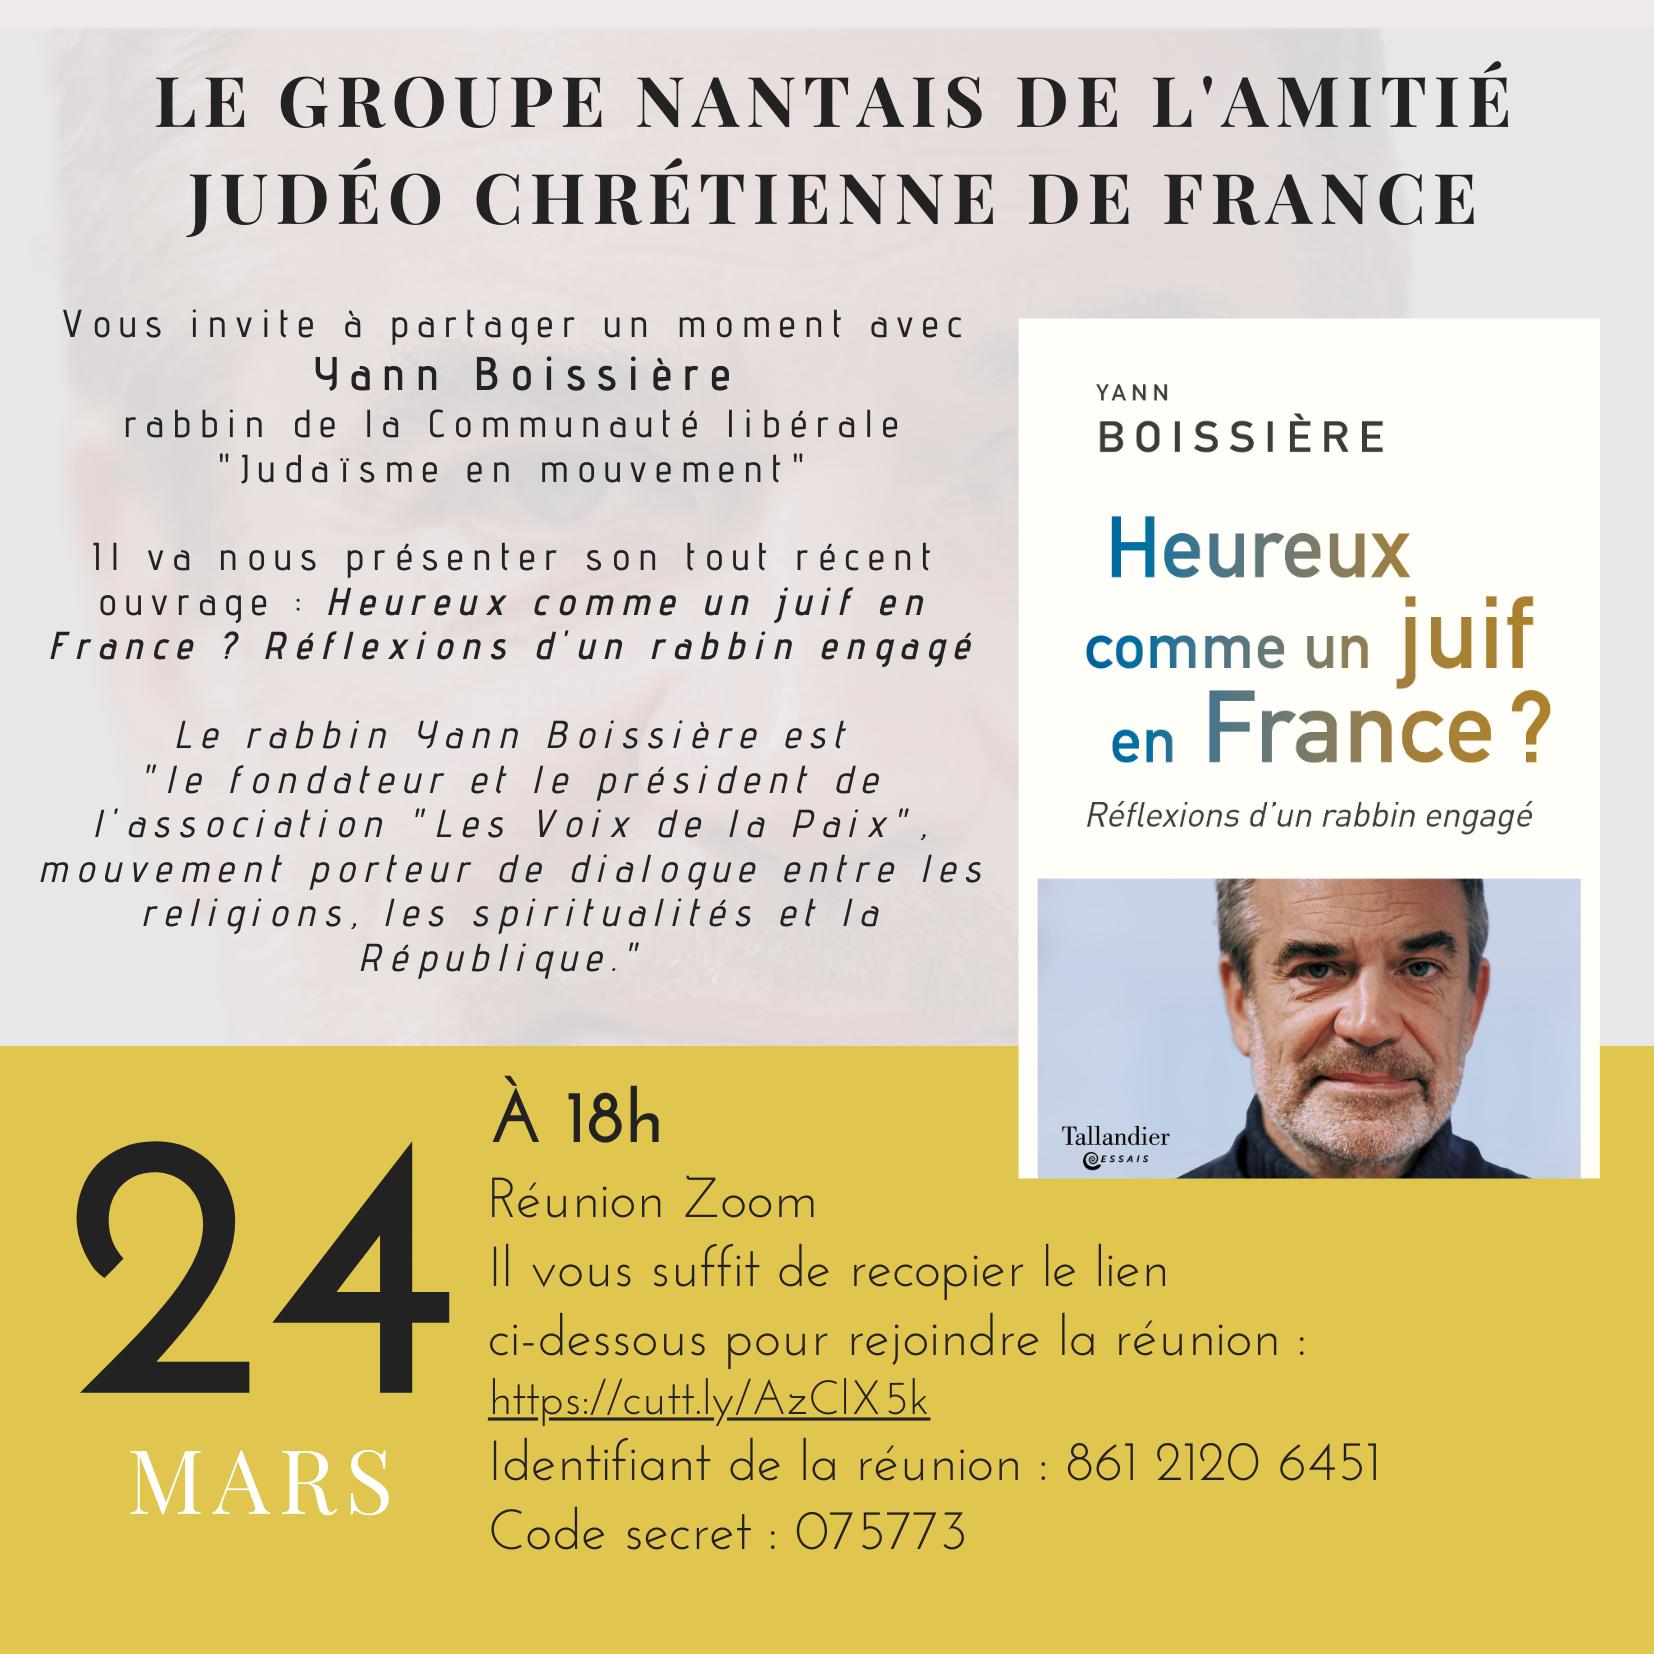 Heureux comme un juif en France? Réflexions d'un rabbin engagé, avec Yann Boissière